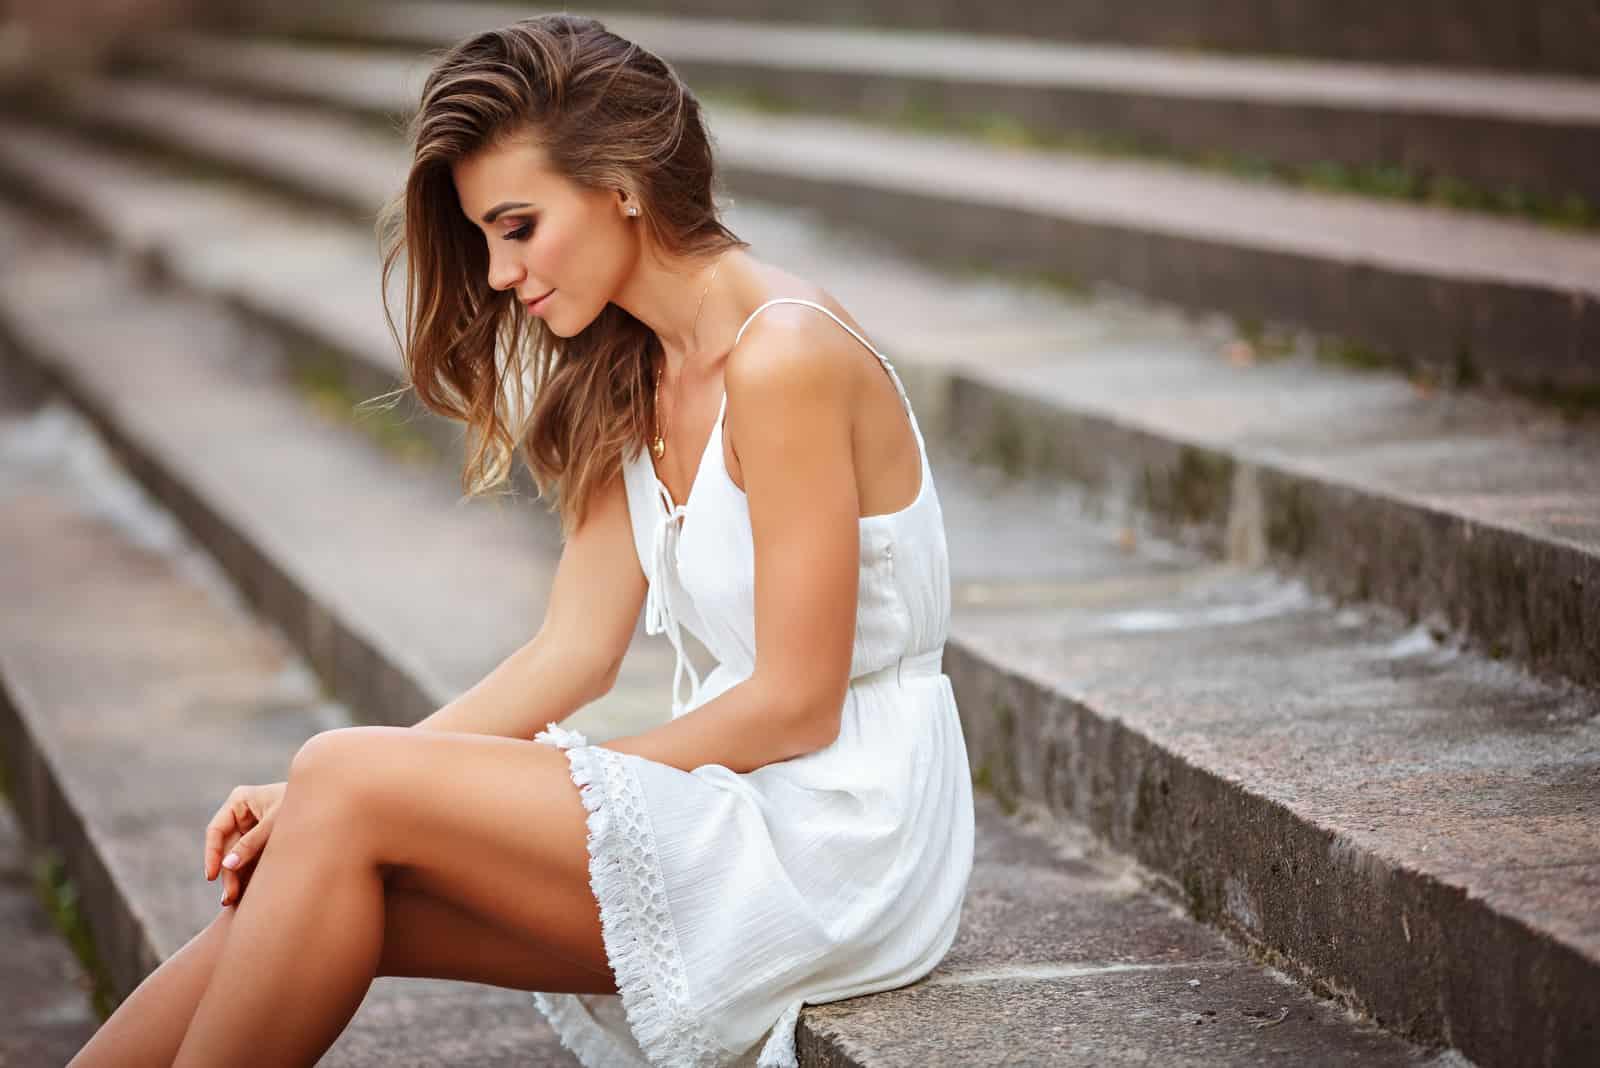 fille bronzée dans une robe blanche est assise sur les escaliers